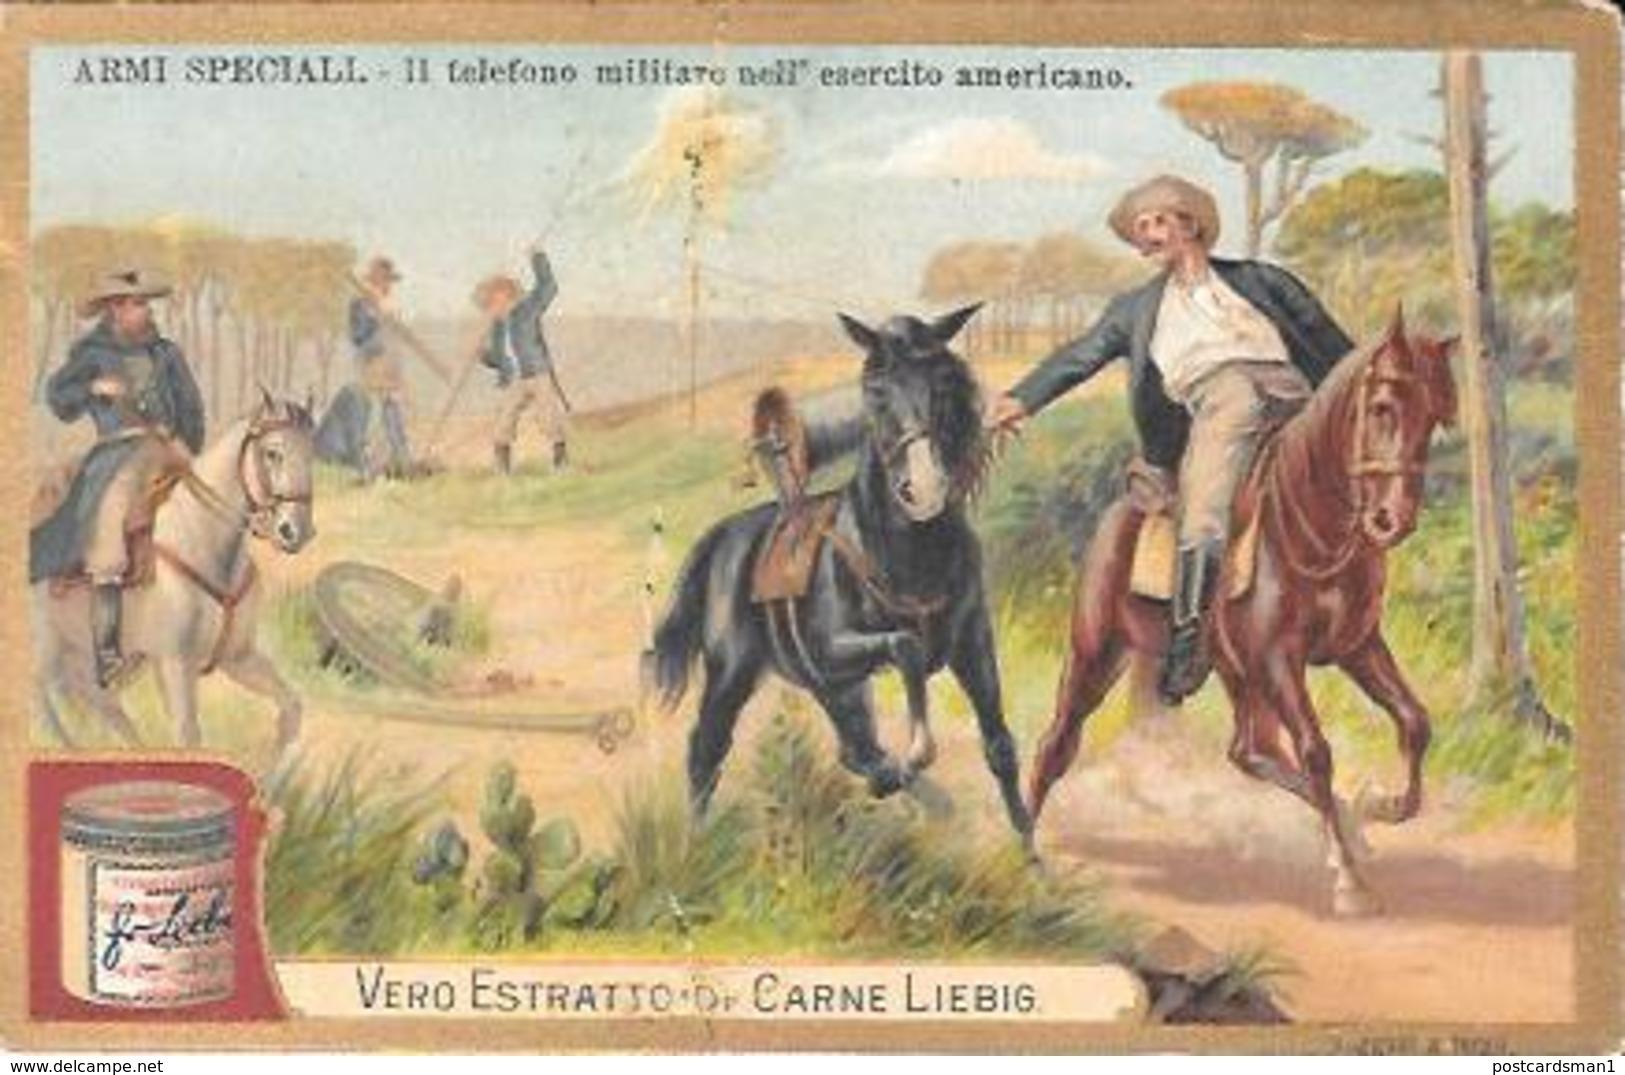 """9 Figurine LIEBIG (Estratto Carne Per Brodo) -RRR- Stampate Nel1878 Serie: ARMI SPECIALI """" (3) GRANDI CONQUISTATORI """"(6) - Pubblicitari"""